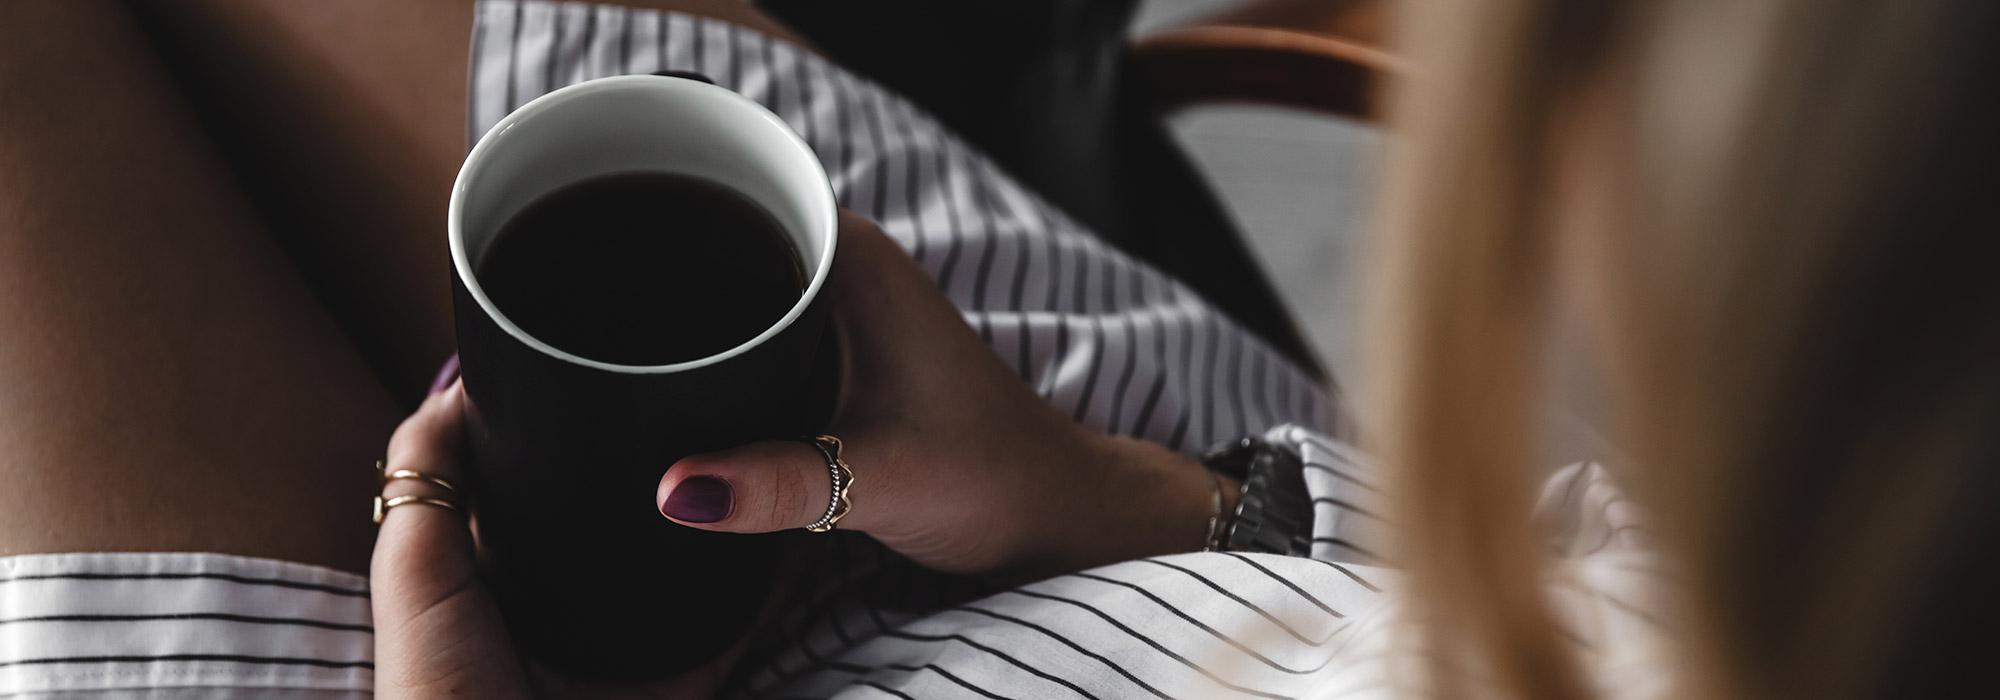 mejorar la calidad del descnaso, cafe